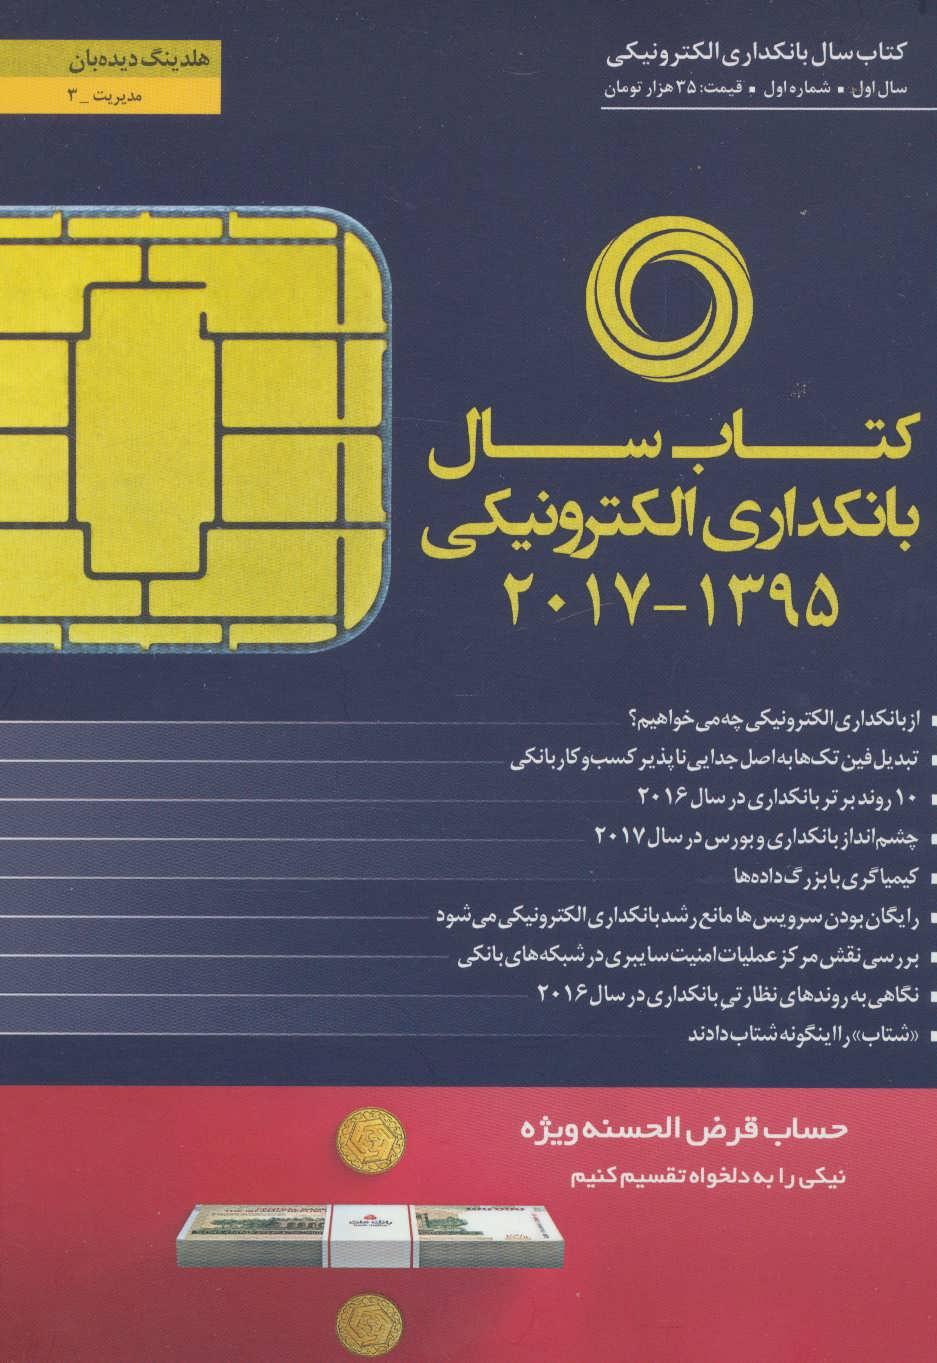 کتاب سال بانکداری الکترونیکی (1395-2017)